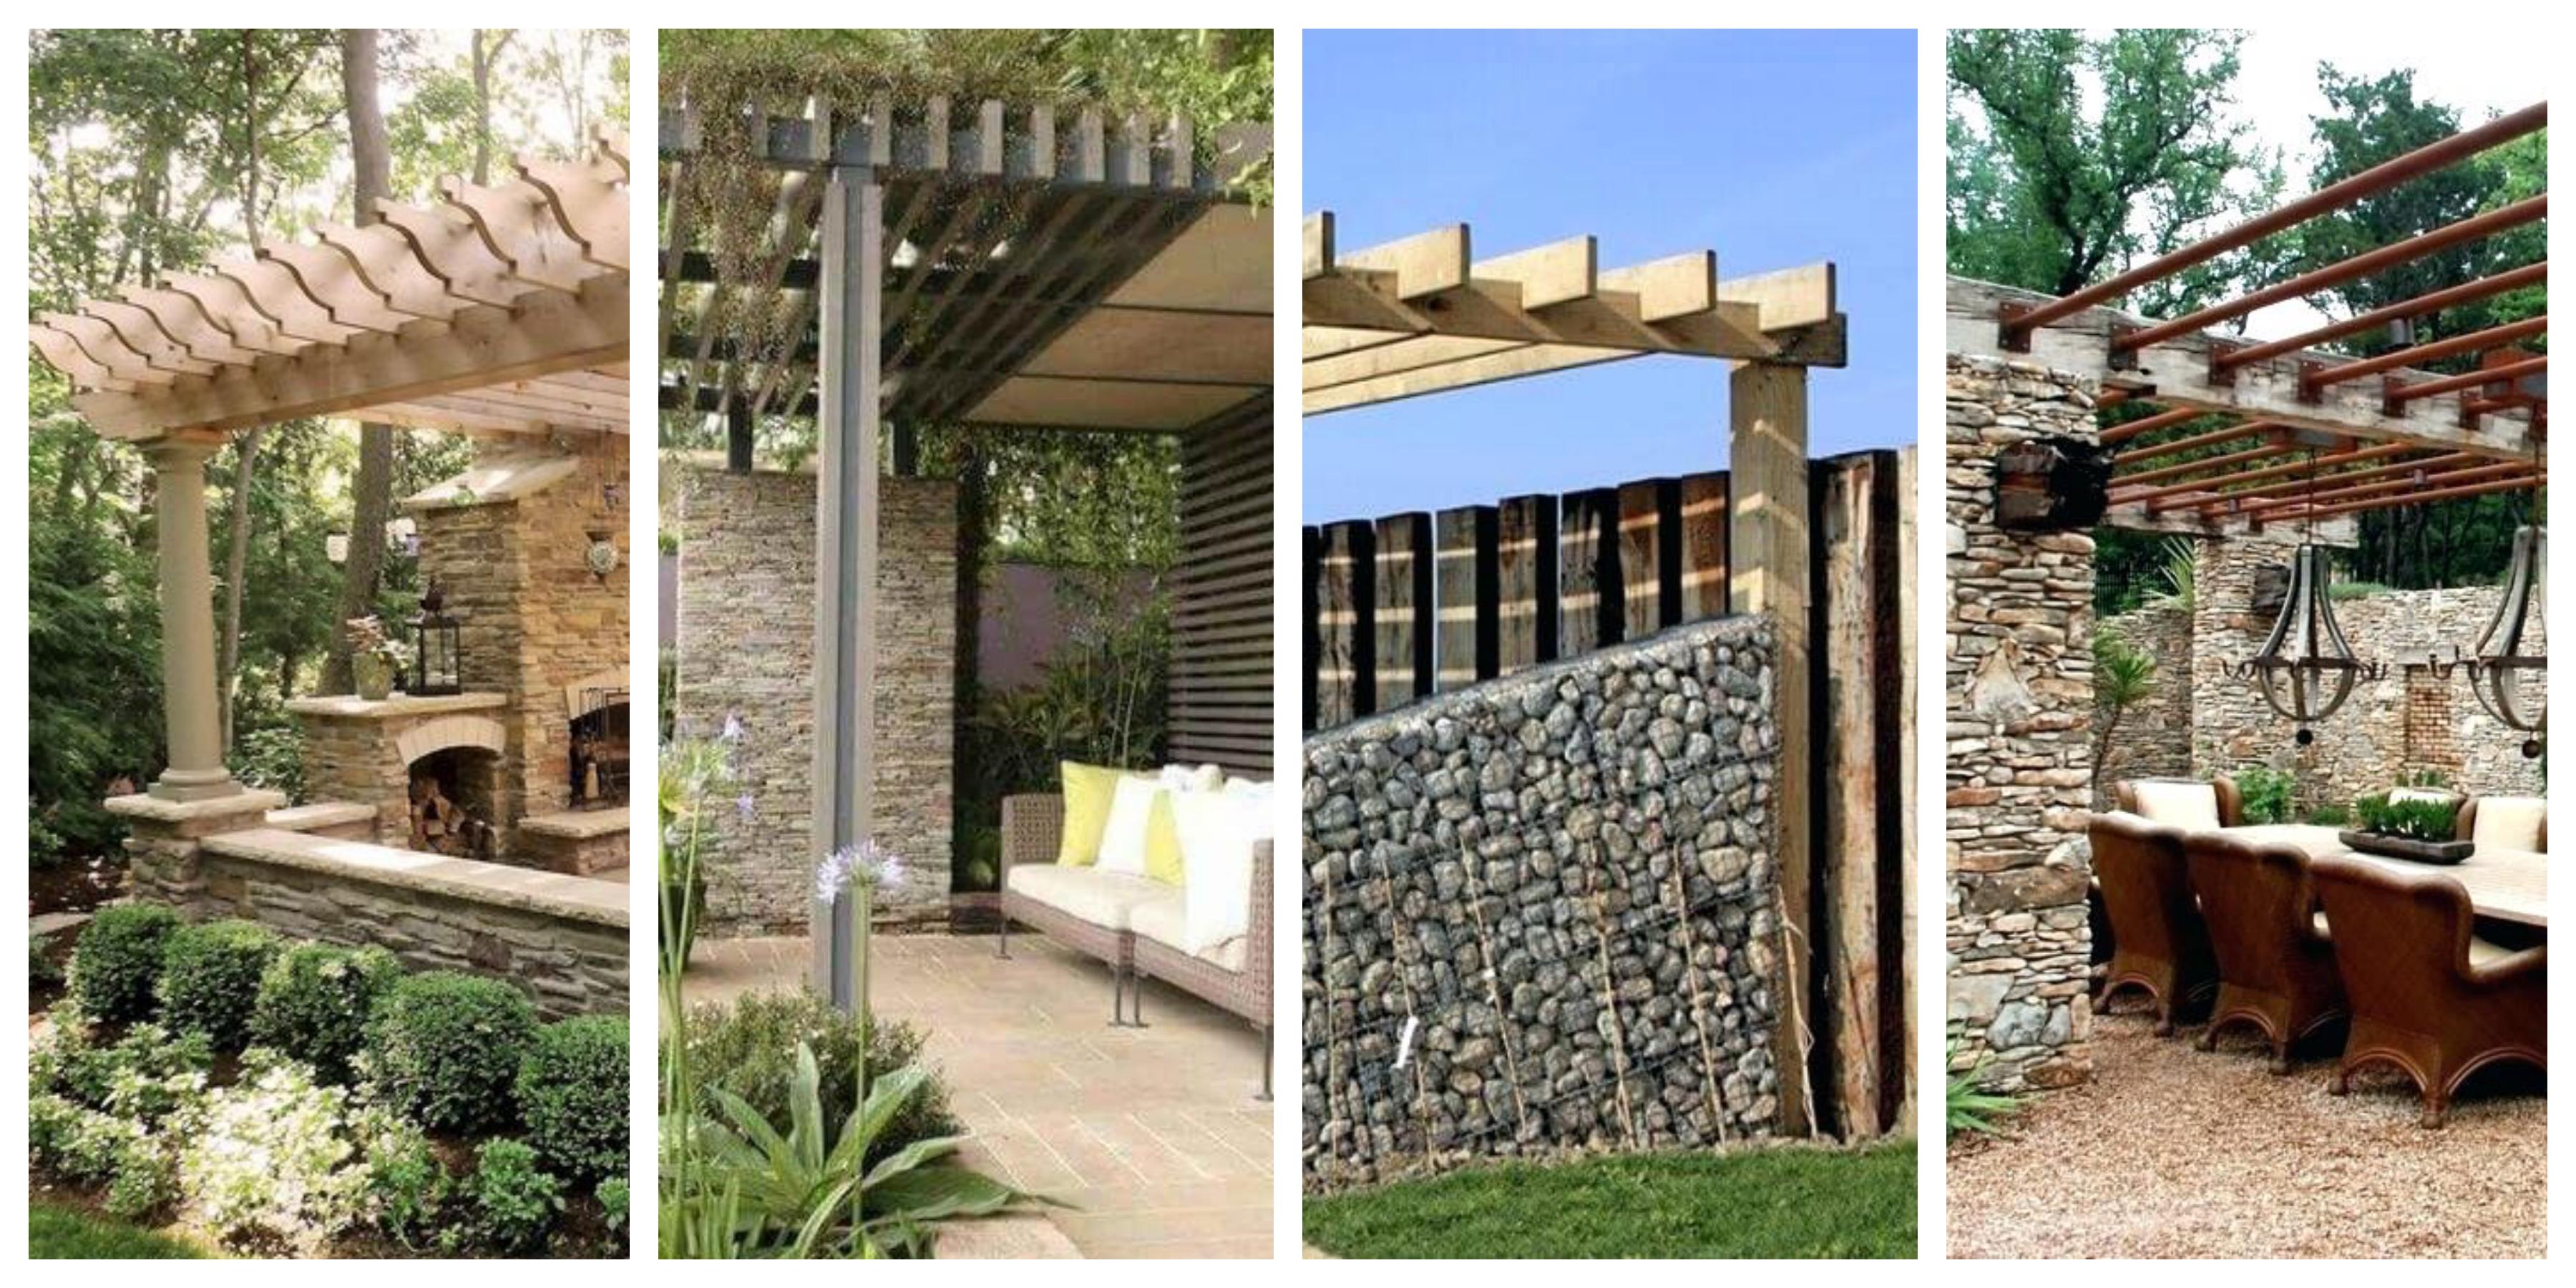 Zahradní kamenné pergoly - inspirace, fotogalerie